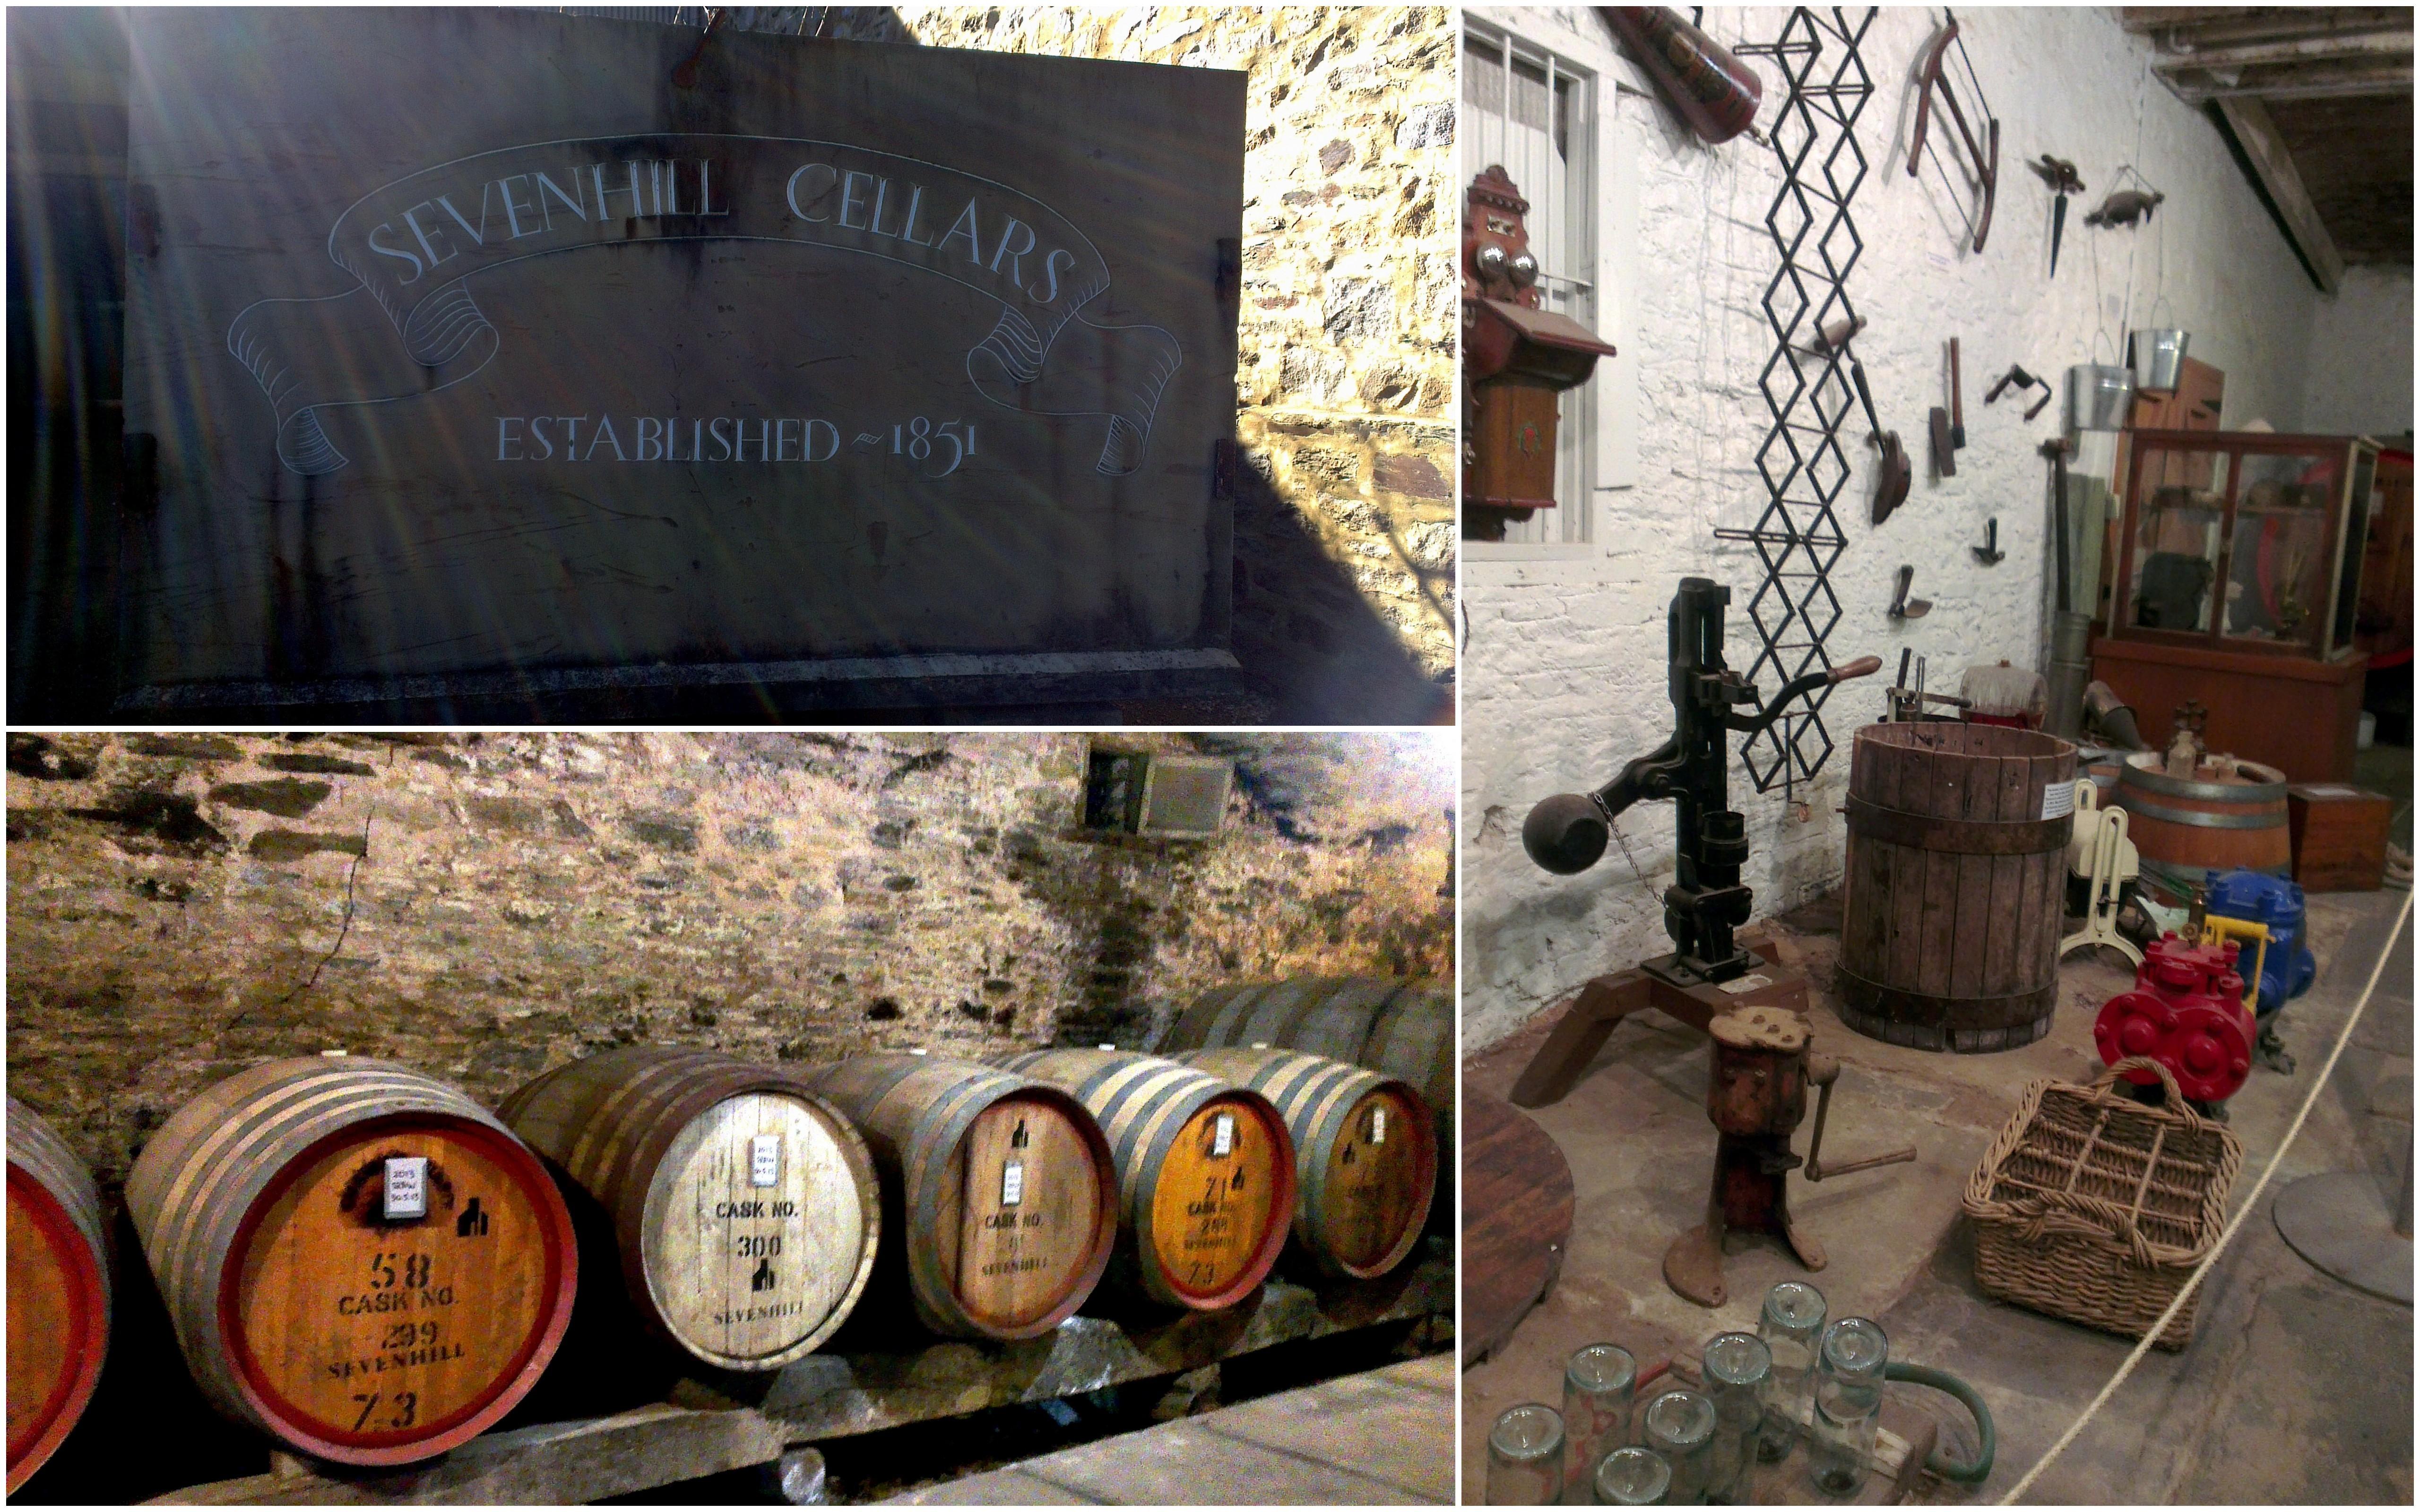 sevenhill-cellars-clare-valley-sevenhill-winery-se41